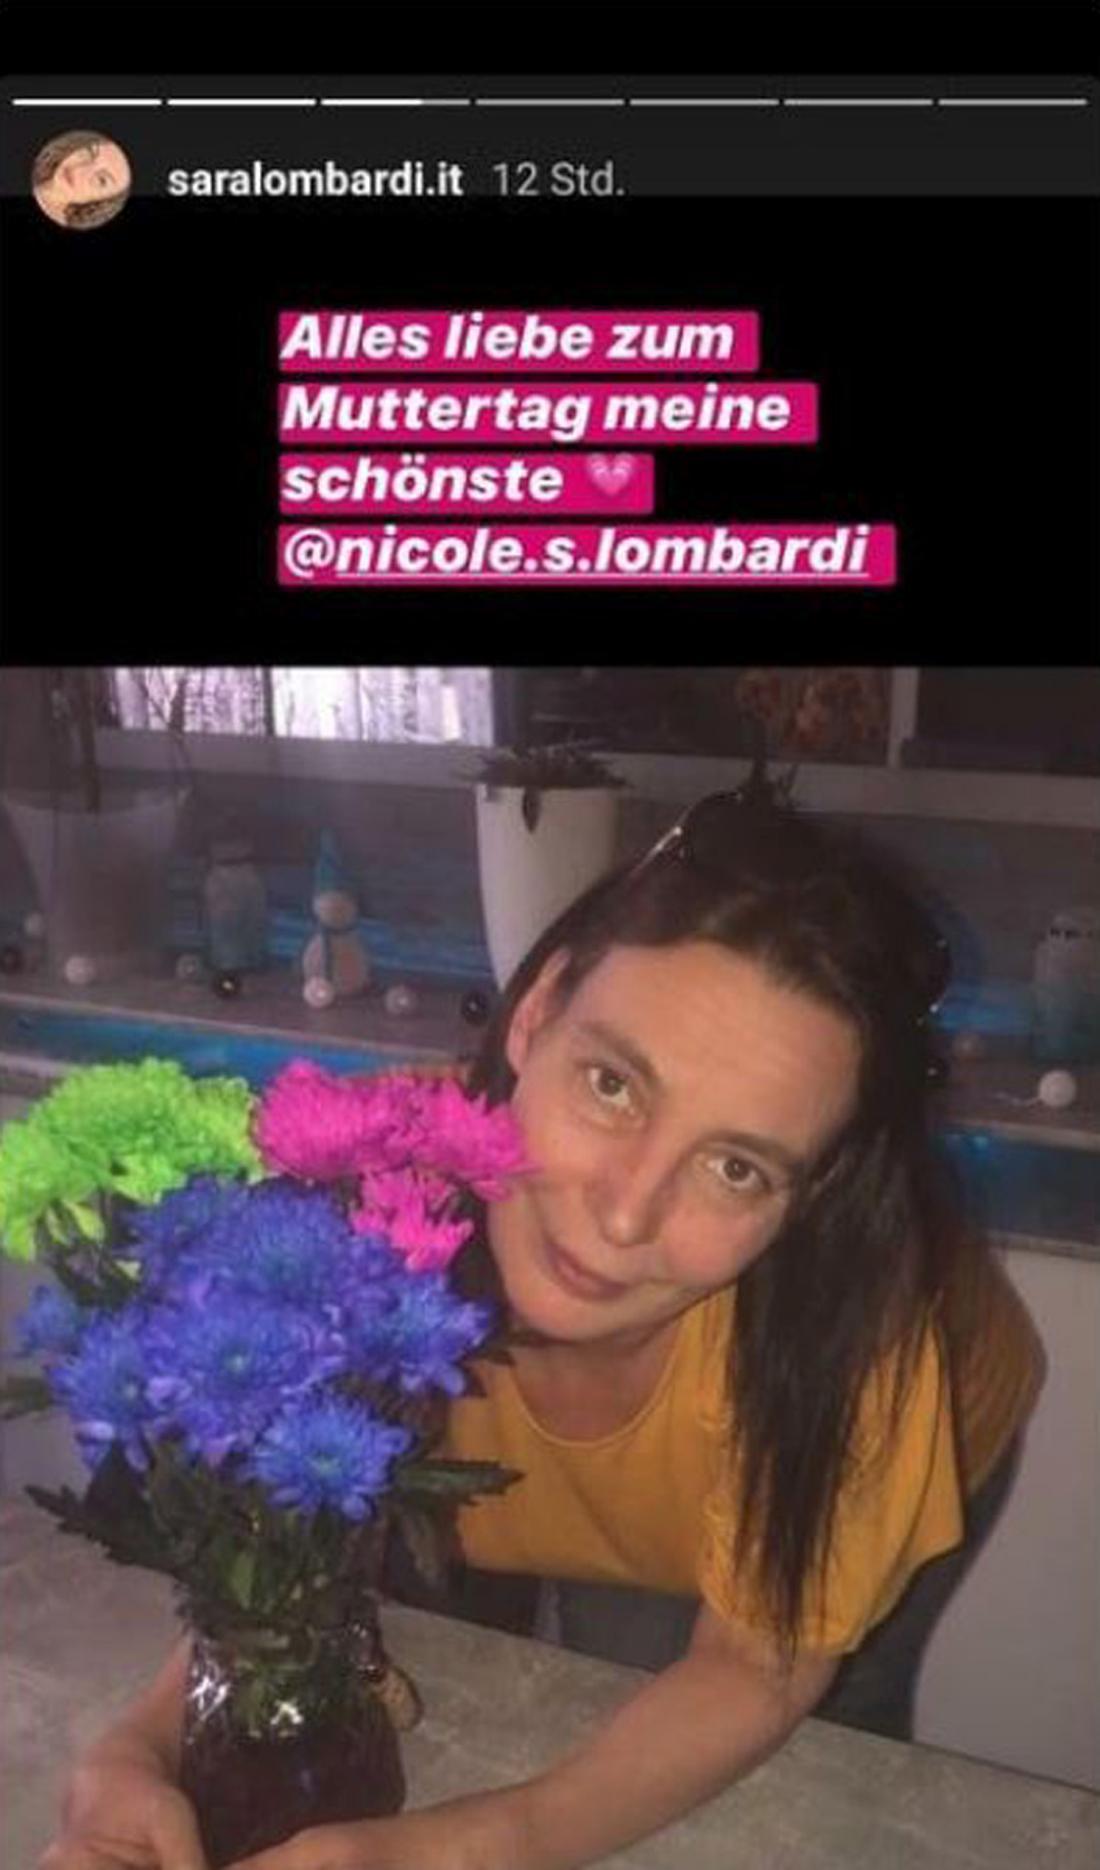 Instagram-Story von Pietro Lombardis Schwester Sara Lombardi, auf dem ein Foto der Mutter Nicole Lombardi mit einem Blumenstrauß zu sehen ist.